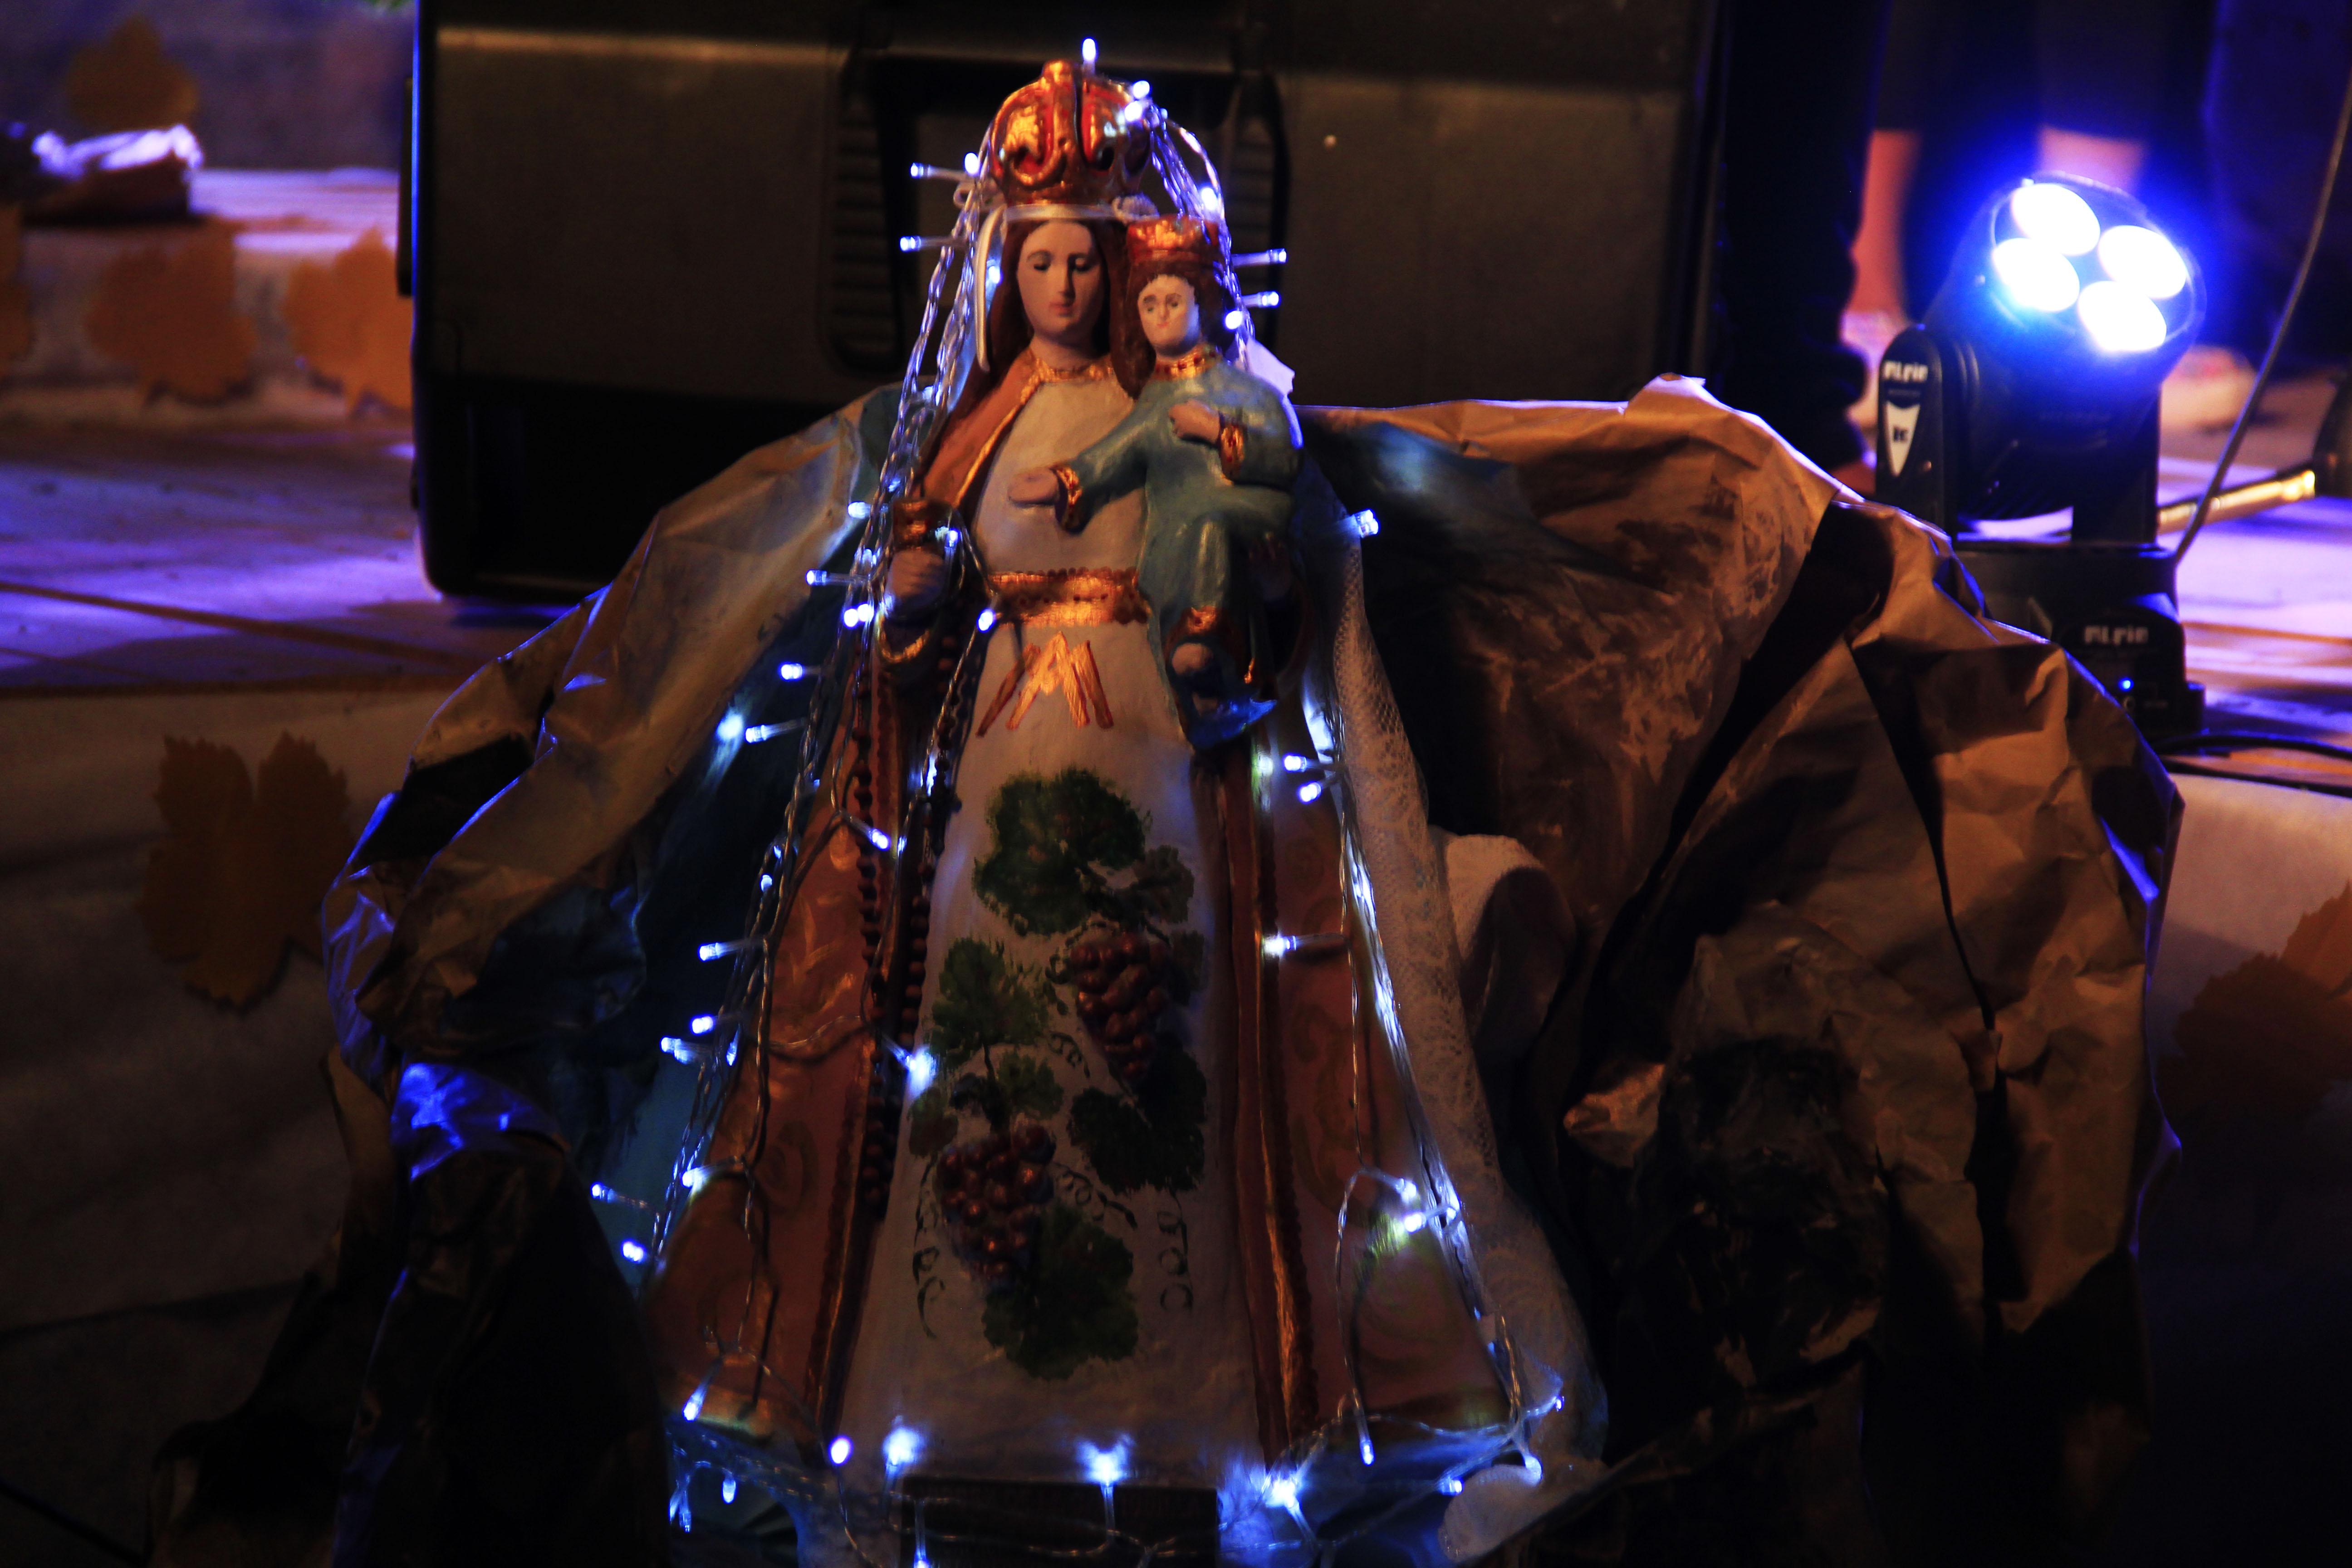 El miércoles a las 8:30hs estará la Virgen de la Carrodilla en el HCD